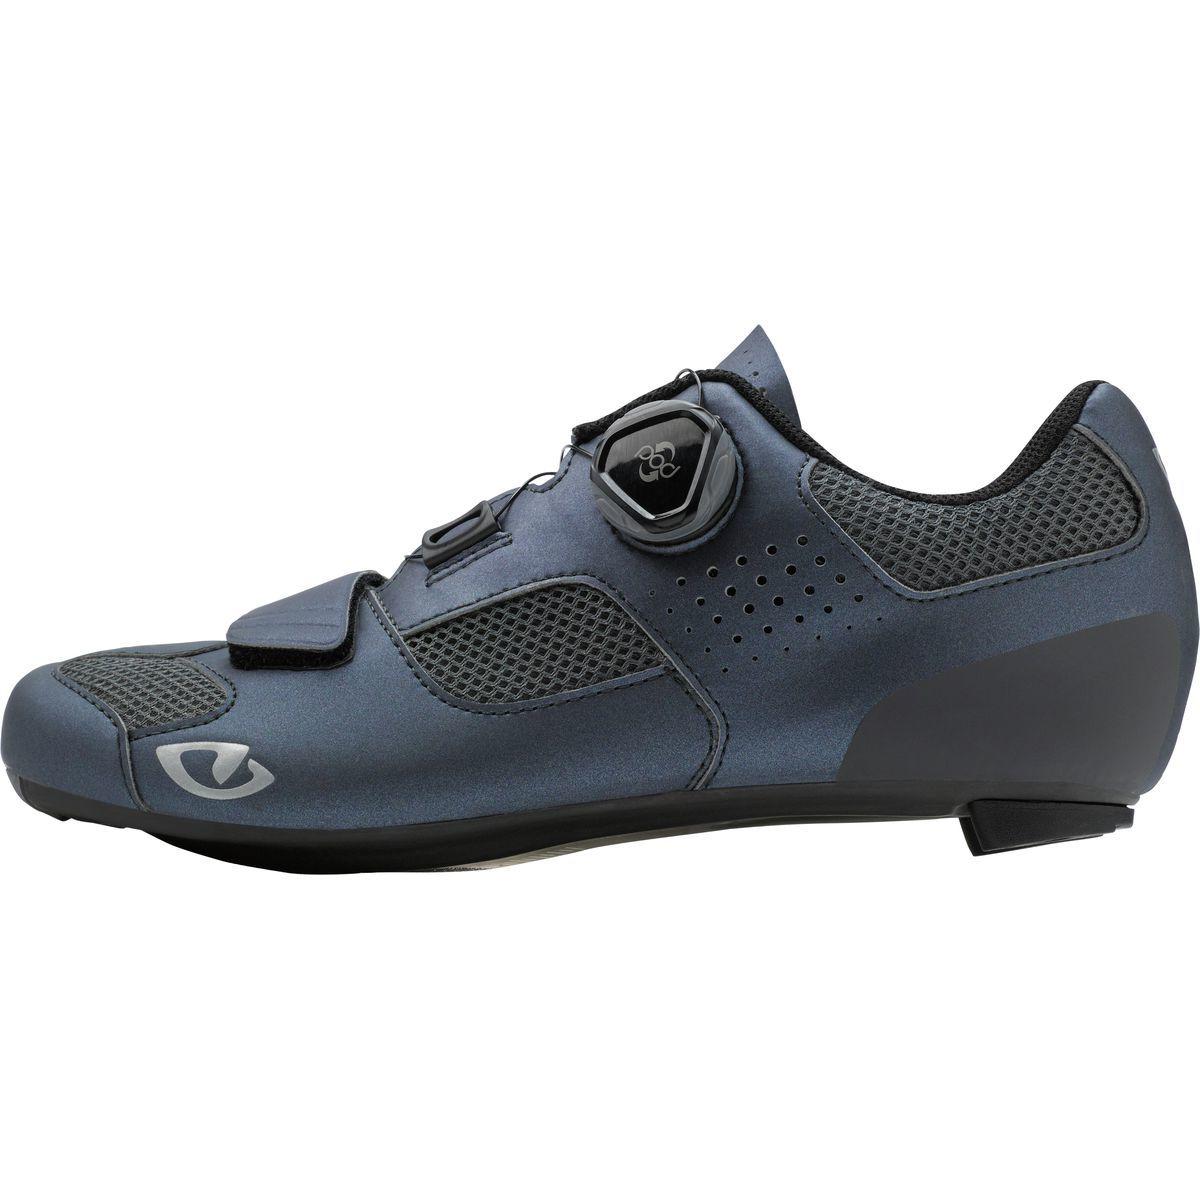 Giro Espada Boa Cycling Shoe - Women's